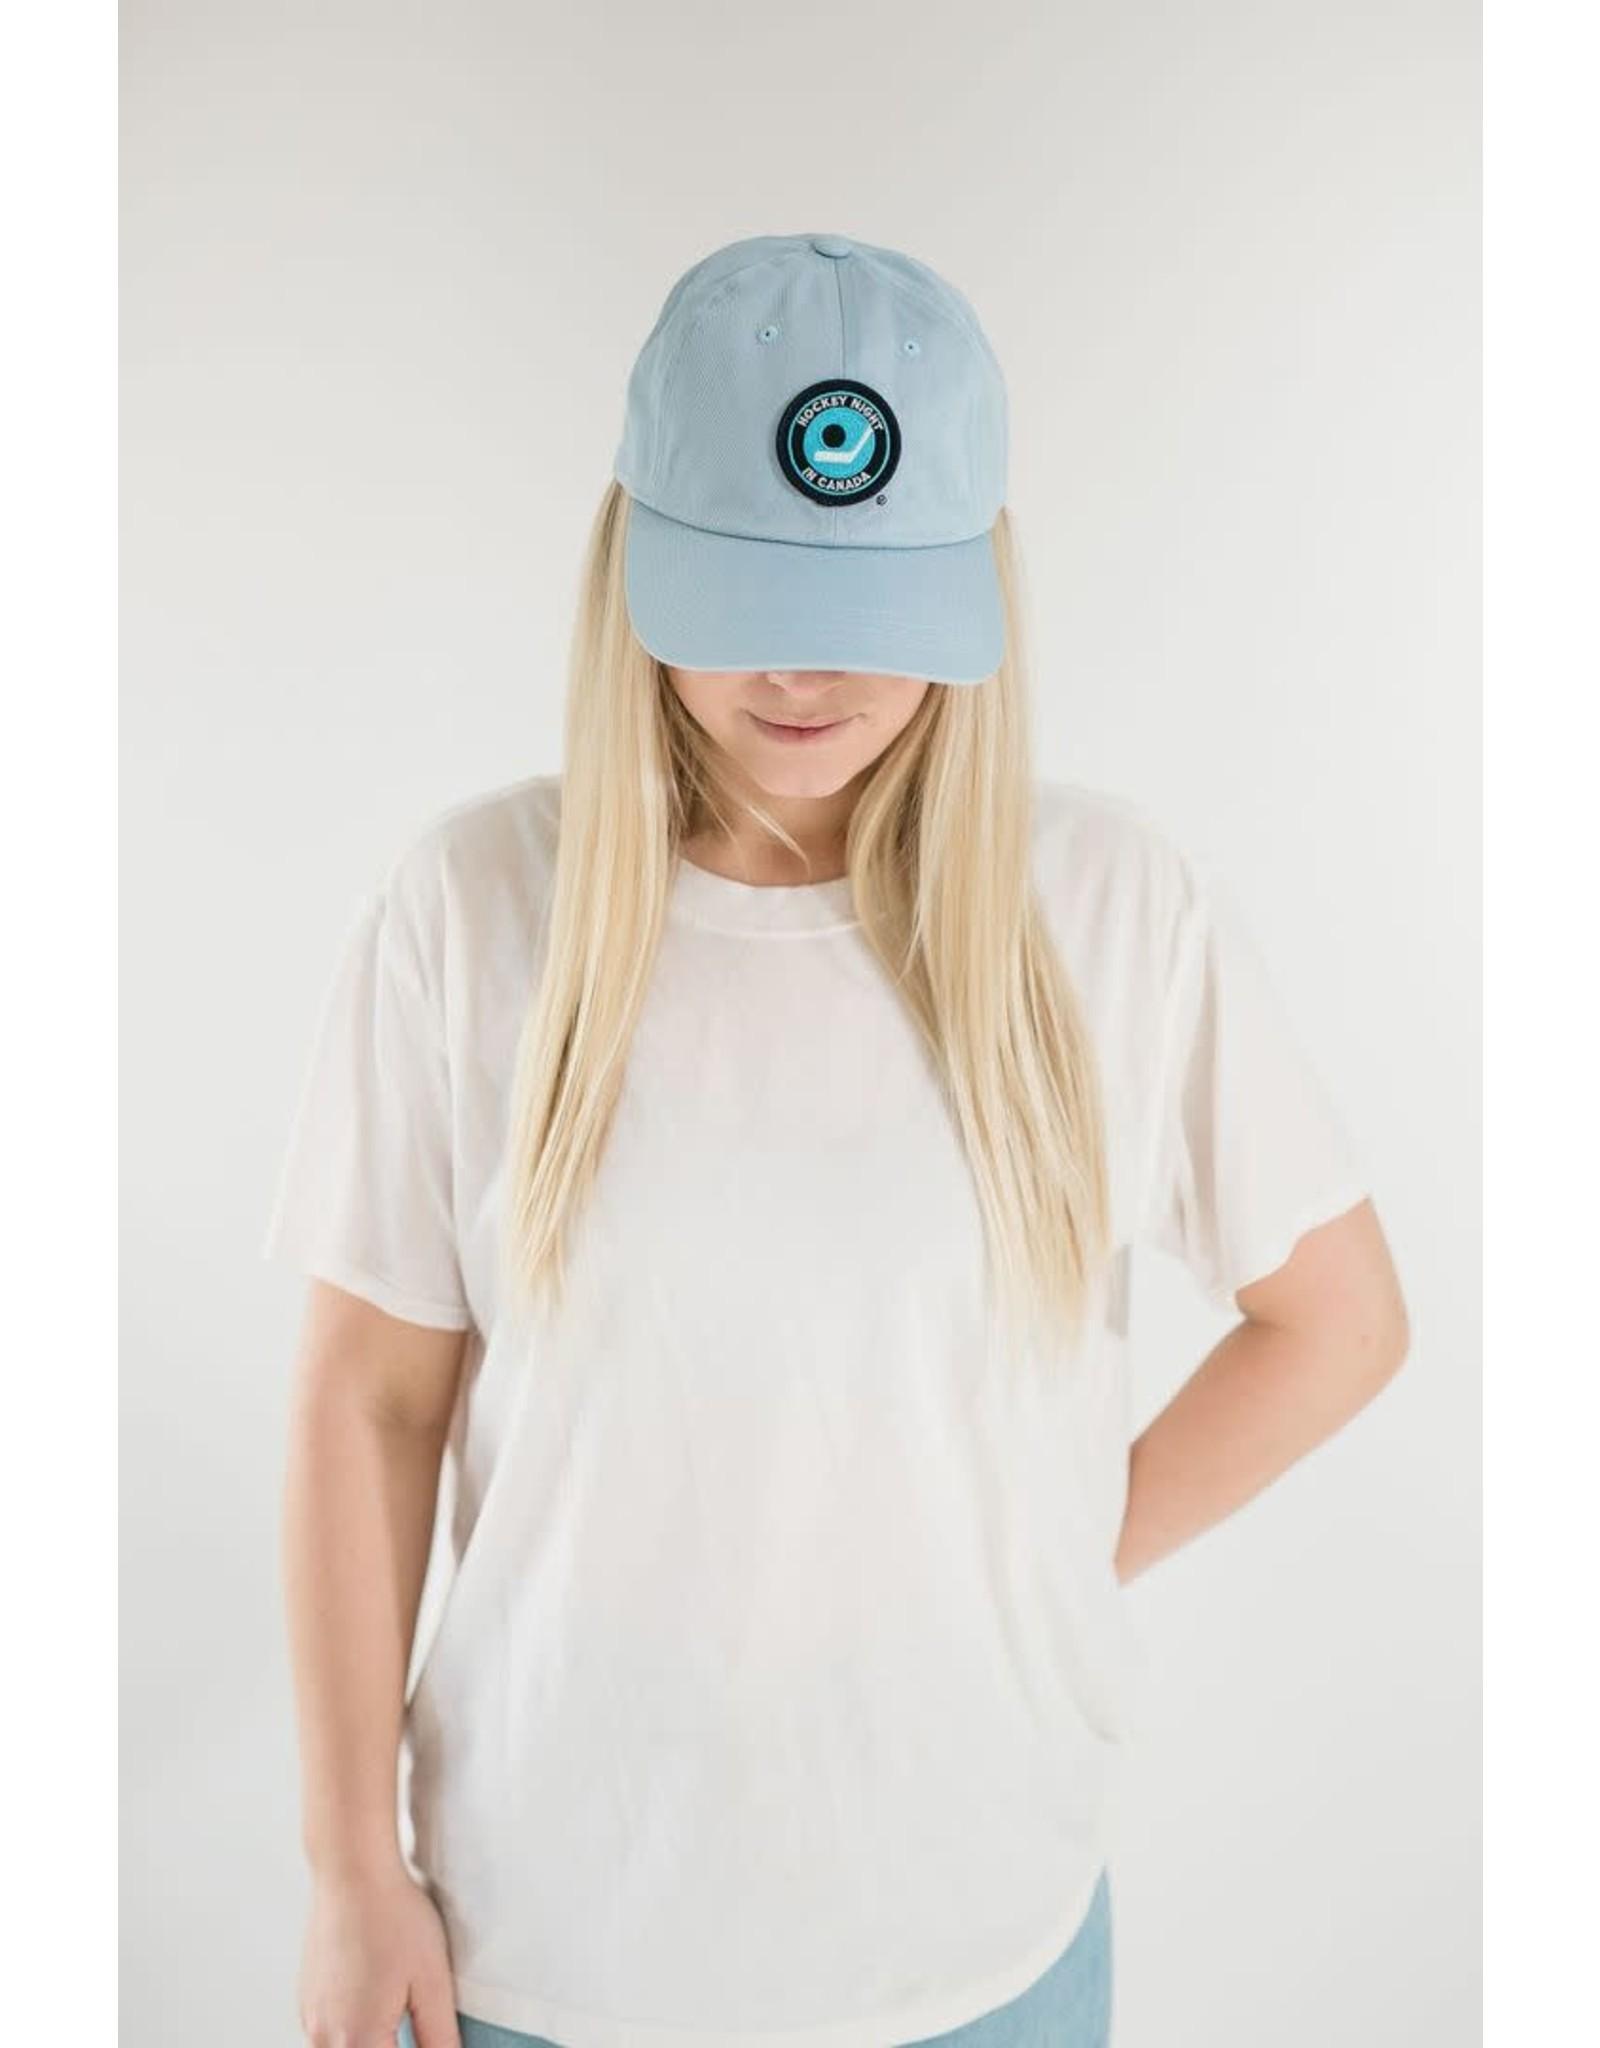 CDN HNIC Dad Hat Powder Blue